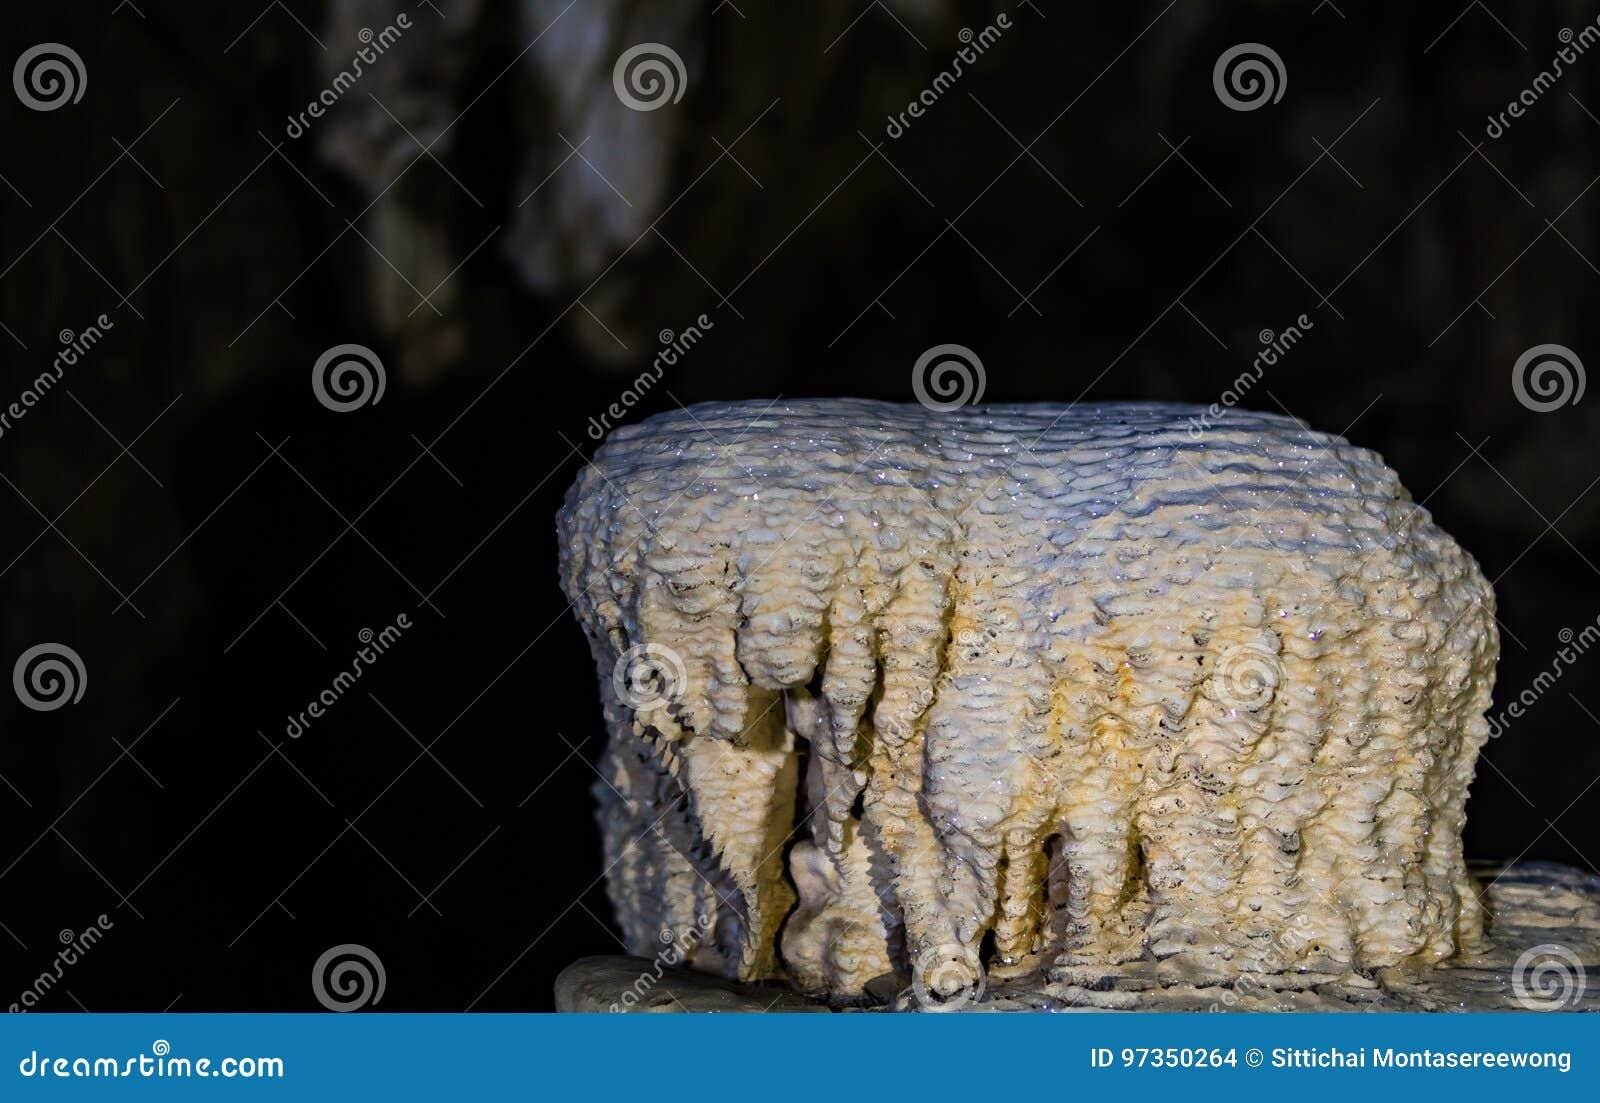 在洞的钟乳石塑造了象大象